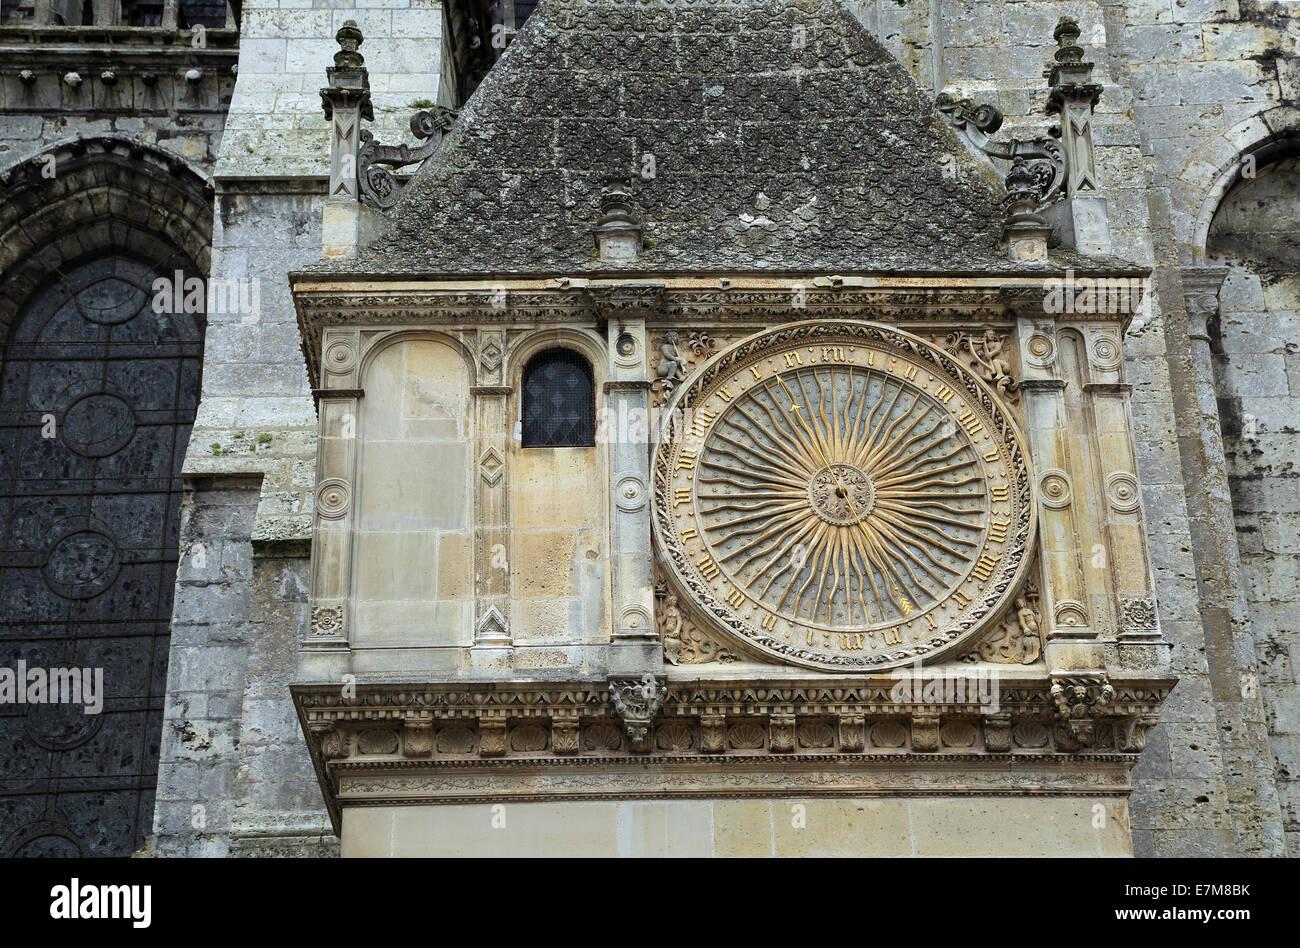 Horloge Exterieur (outside clock), Cloitre Notre Dame , Chartres, Eure et Loir, Centre, France - Stock Image